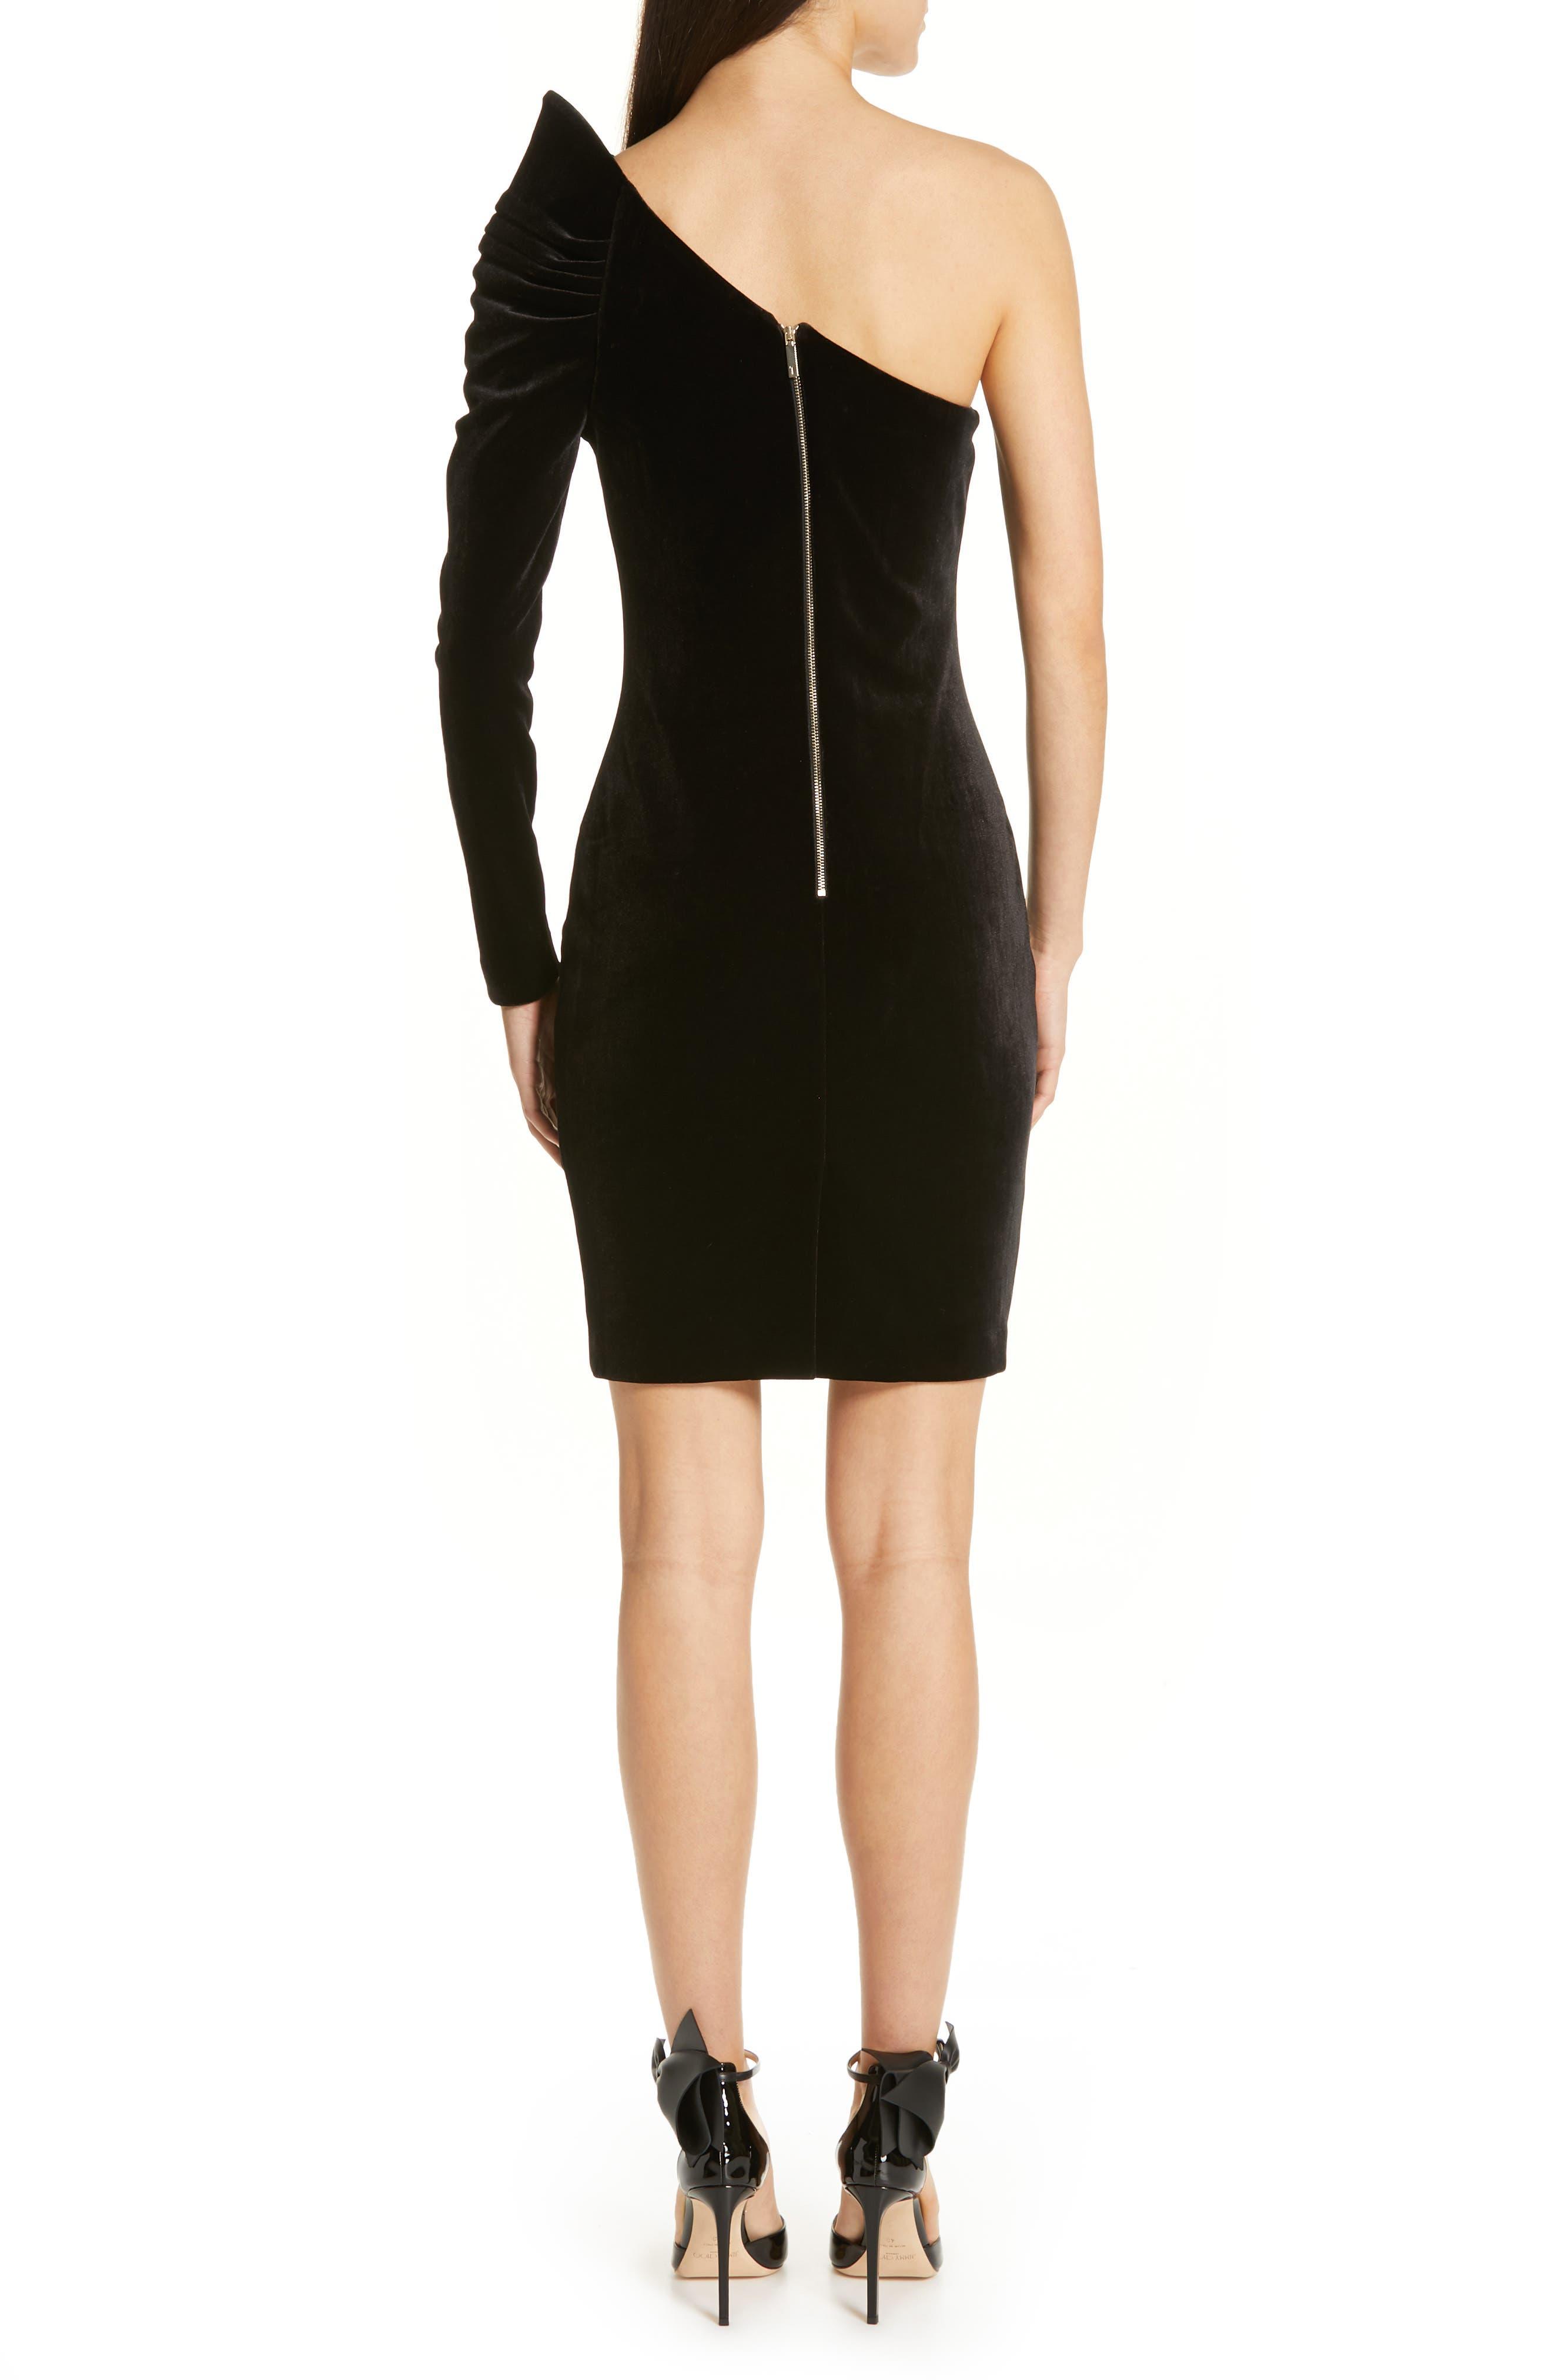 Awwtum One-Shoulder Velvet Body-Con Dress,                             Alternate thumbnail 2, color,                             BLACK